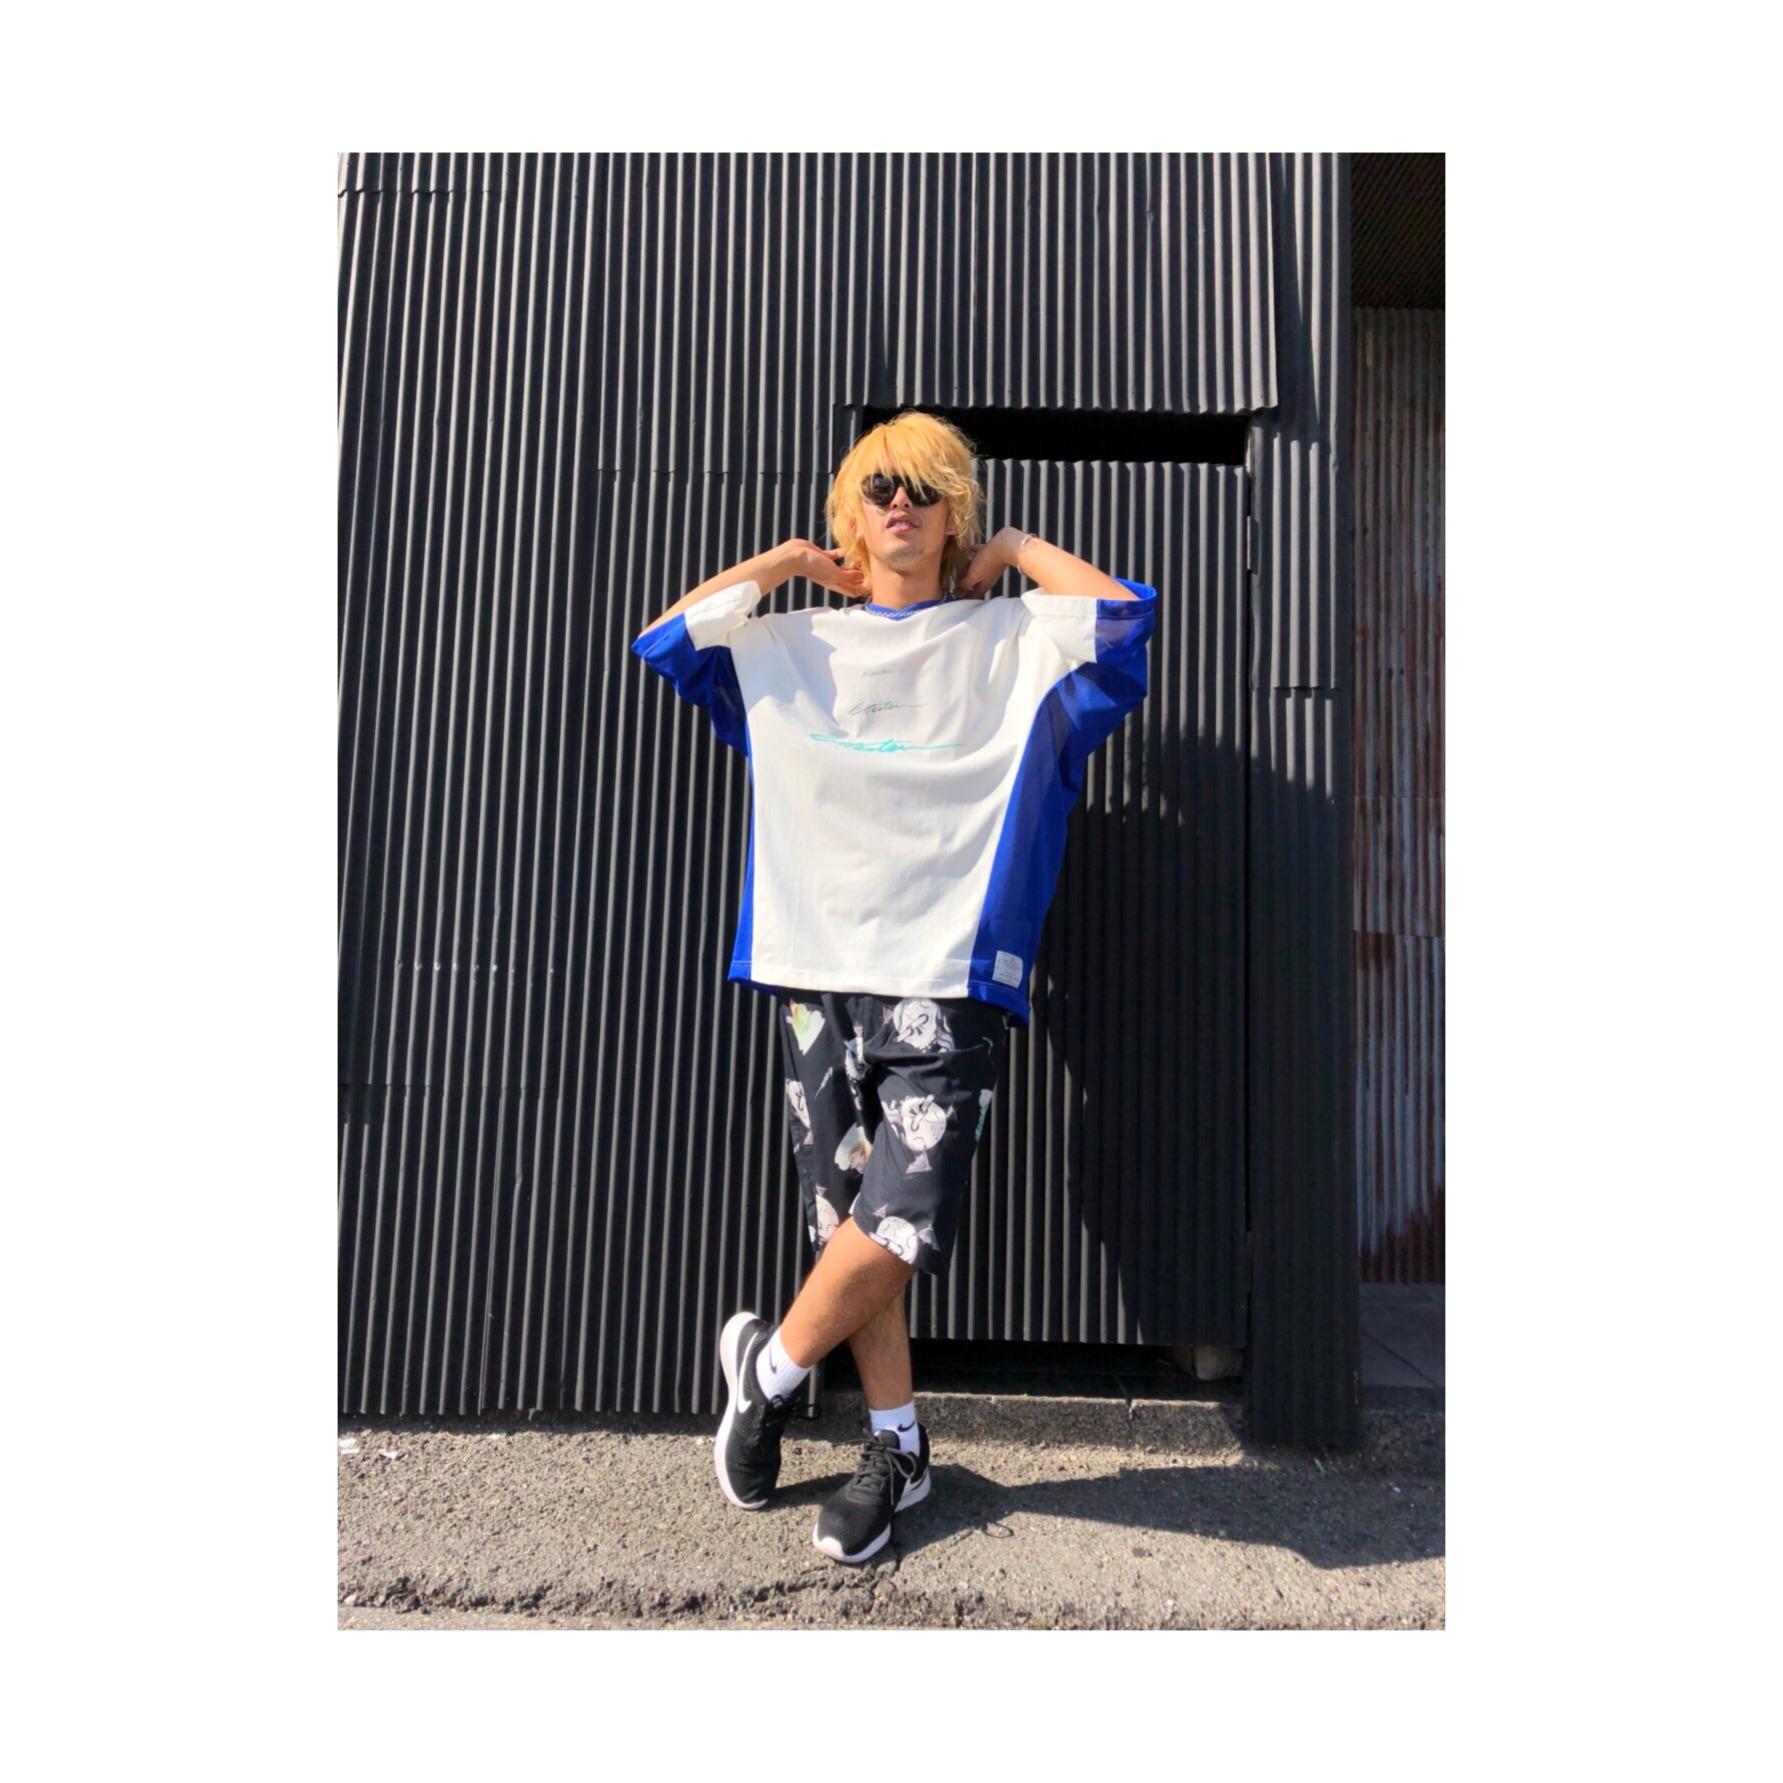 f:id:Yosuke0912:20180824191747j:image